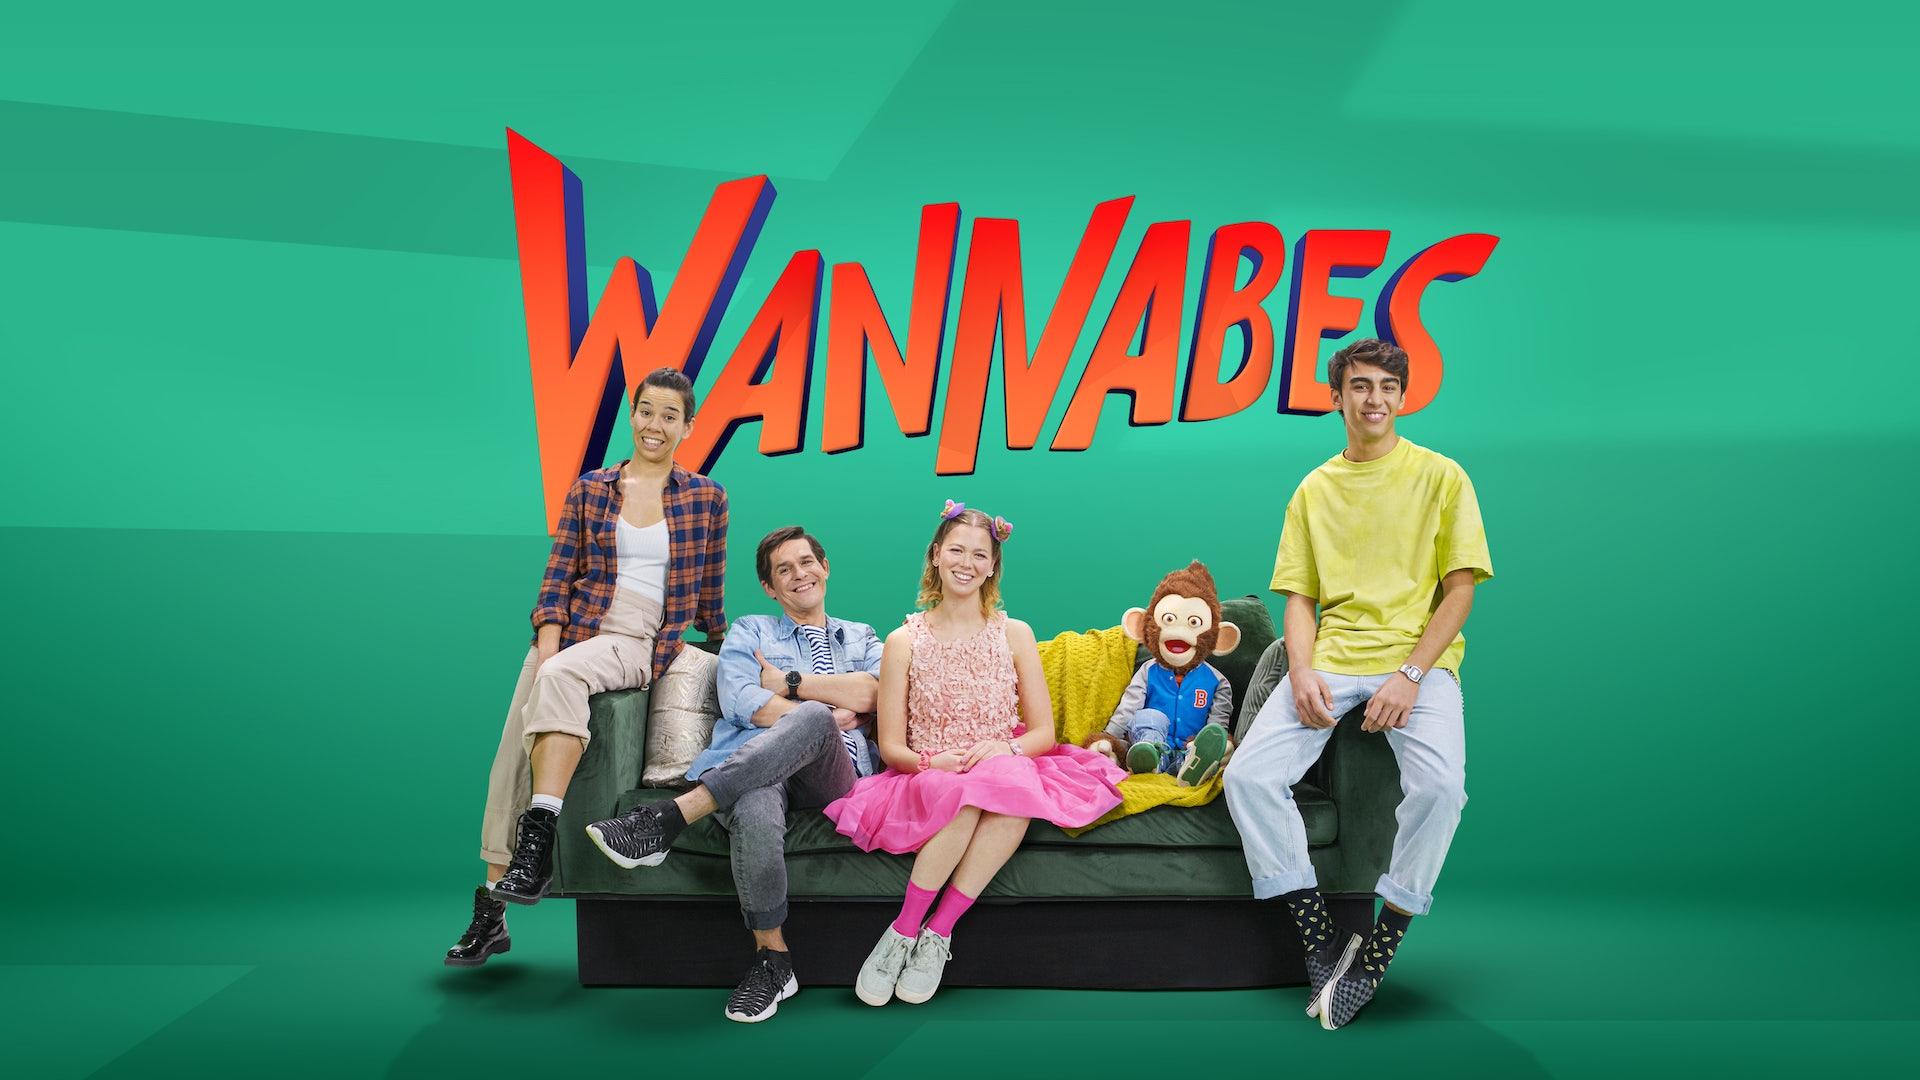 Wannabes zonder accent